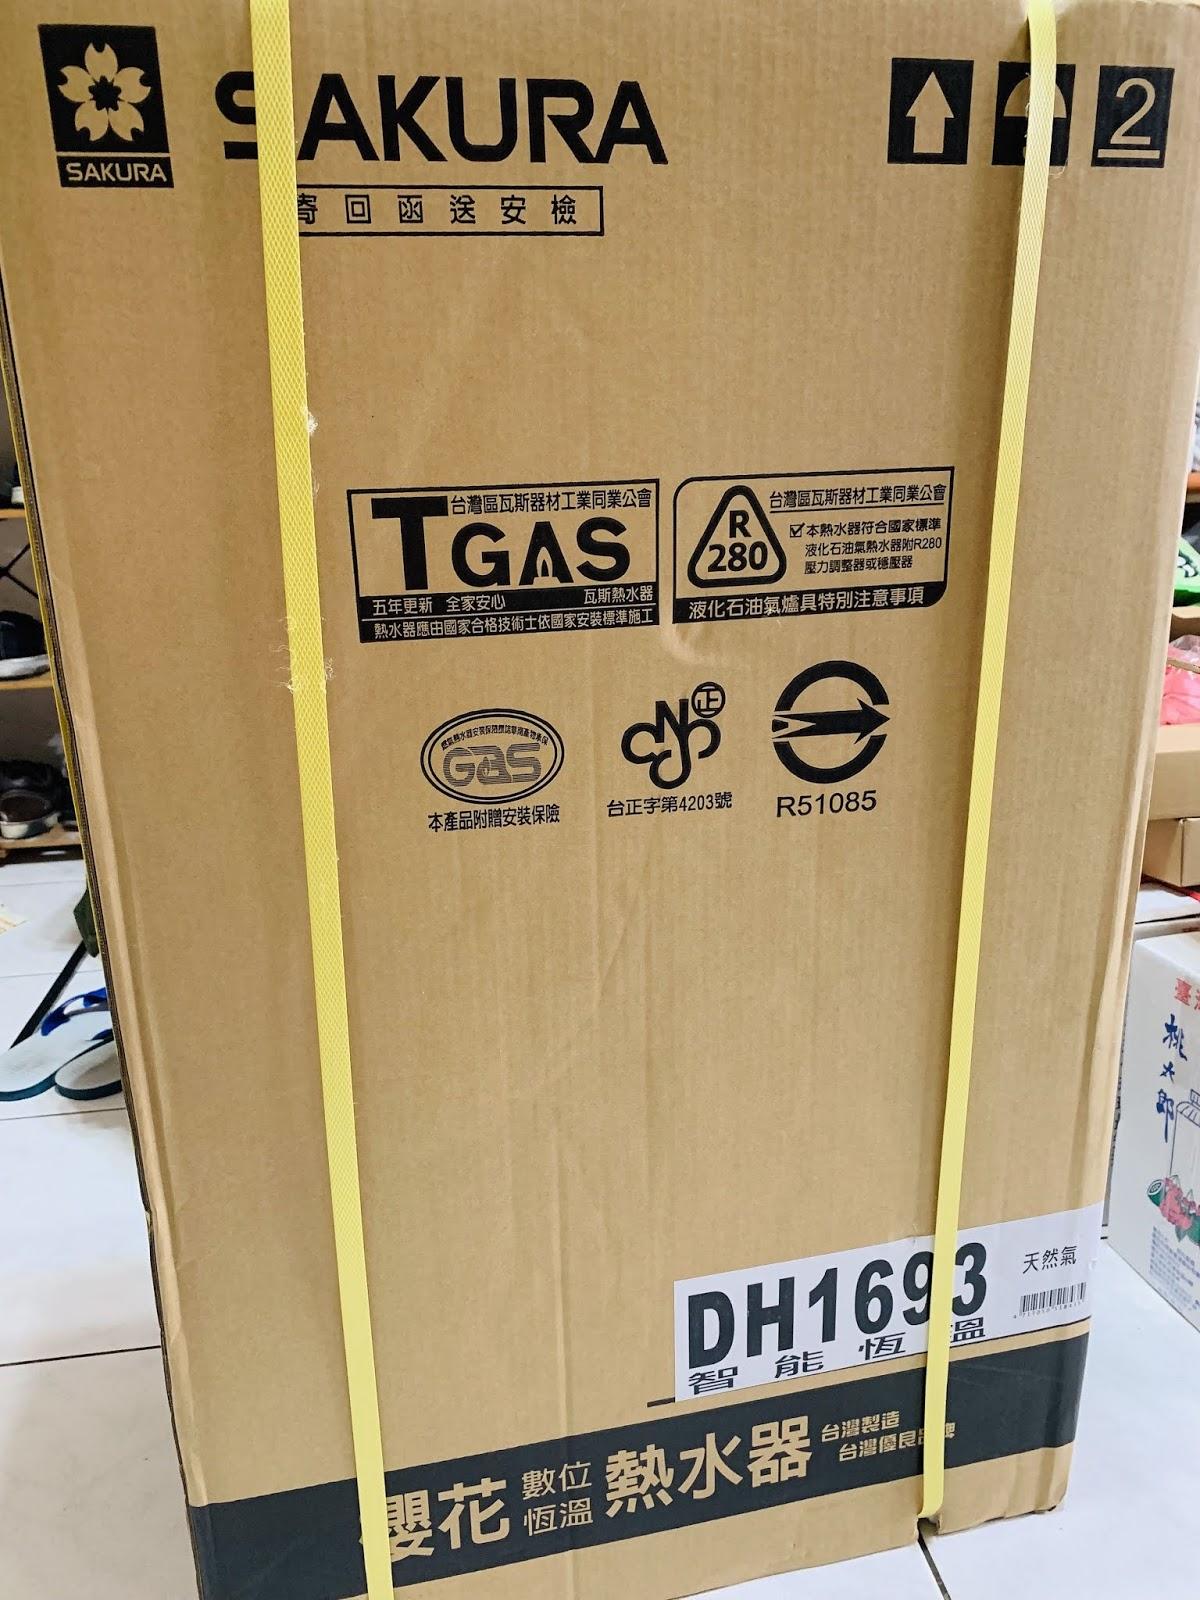 櫻花渦輪數位恆溫熱水器16L(DH-1693)紙箱